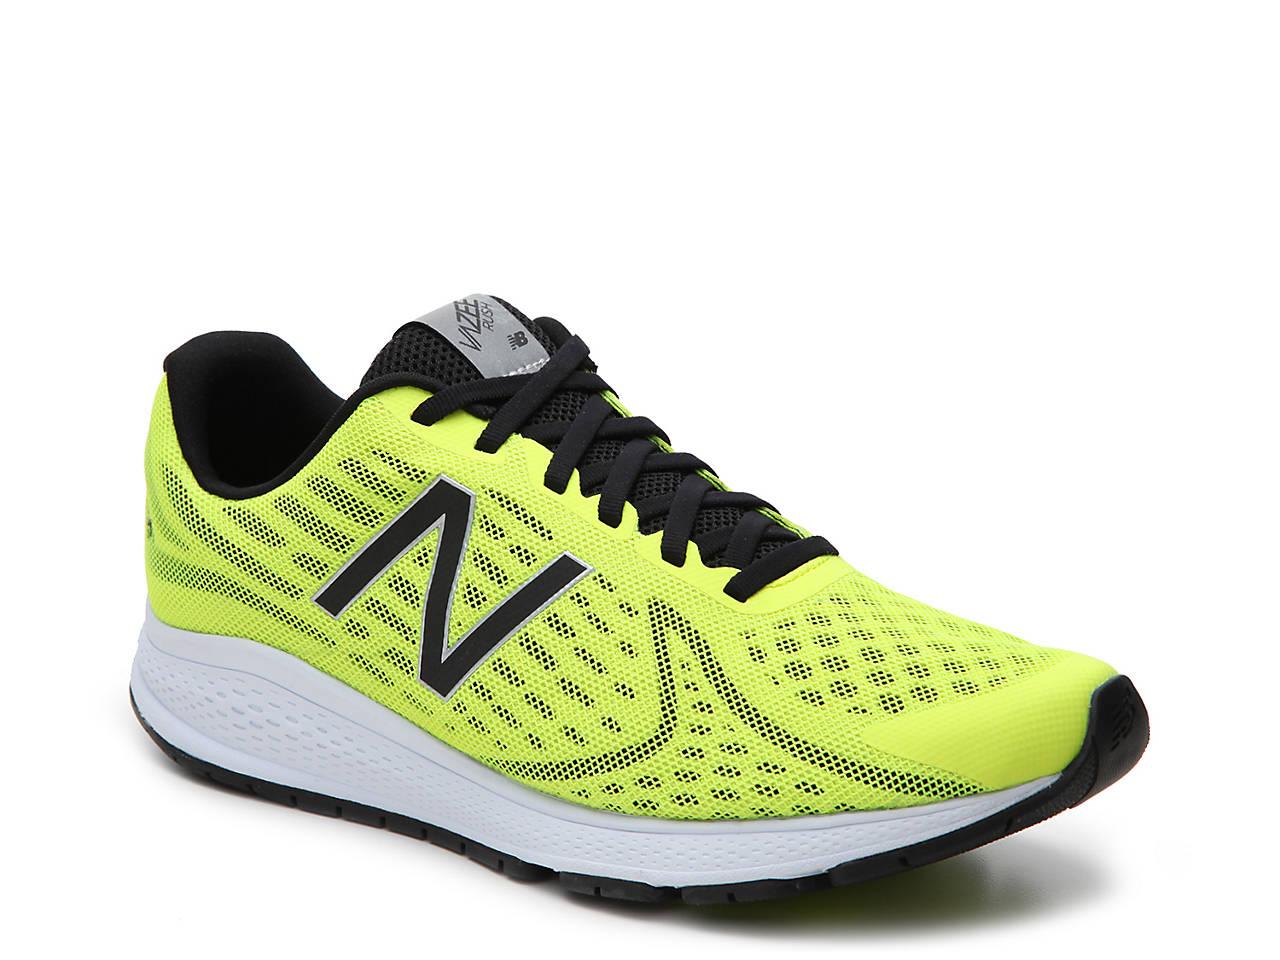 3f178f1164d3 New Balance Vazee Rush v2 Performance Running Shoe - Men s Men s ...